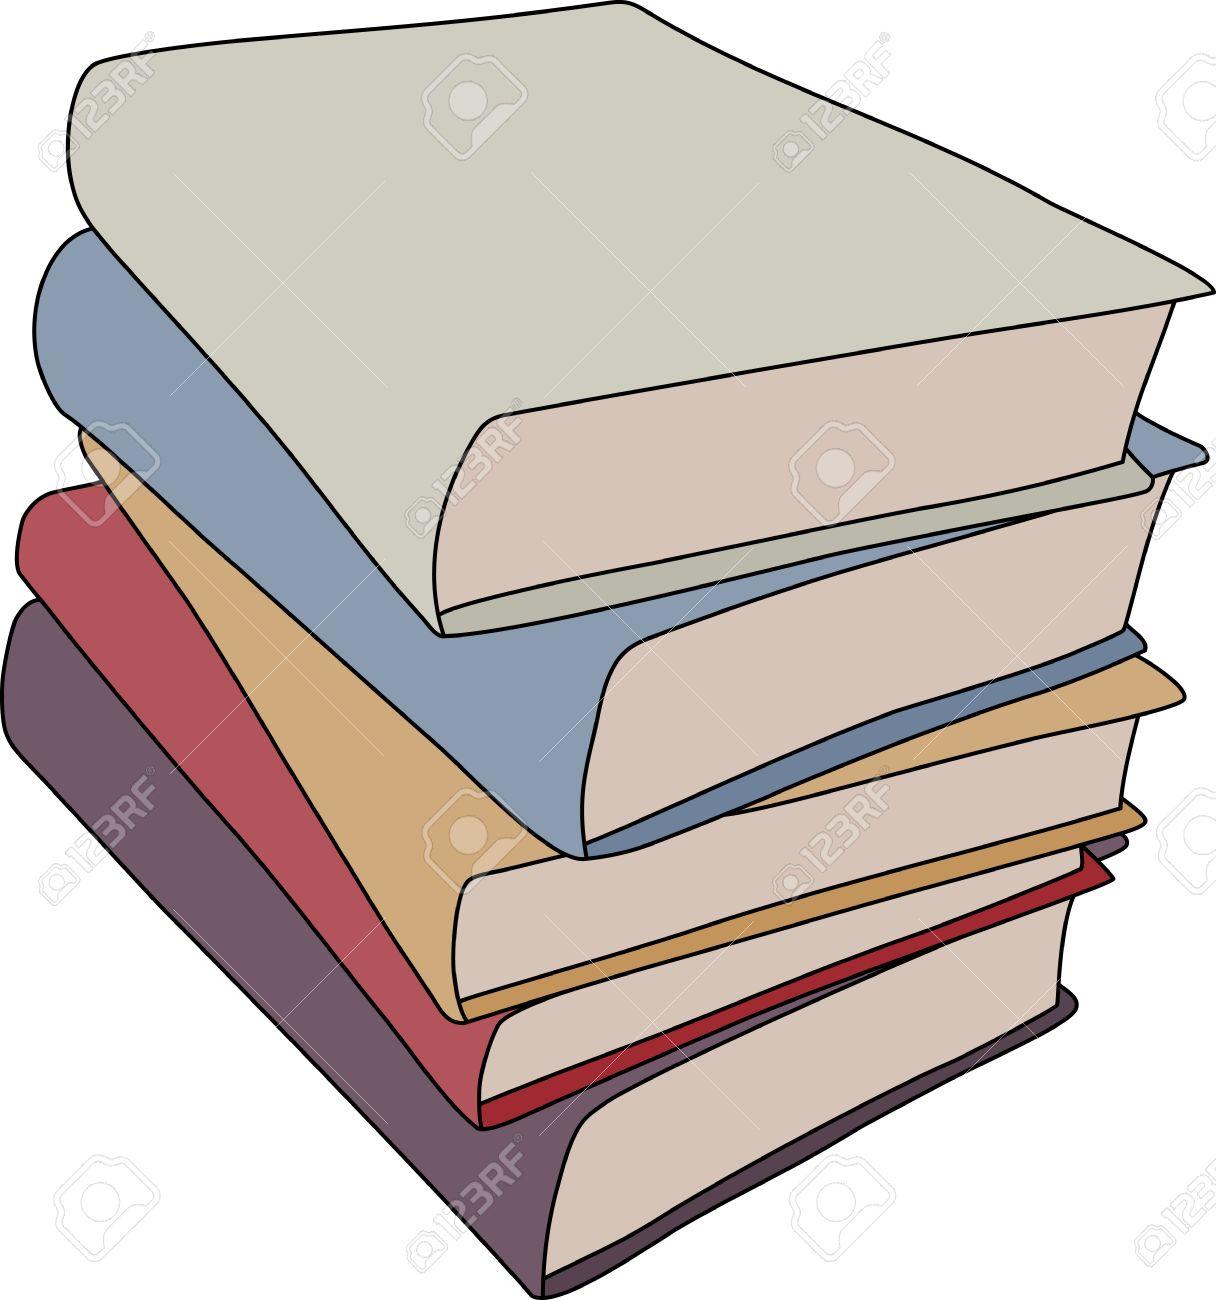 Un Dessin De Style De Bande Dessinee Simple D Une Pile De Livres Ce Fichier Est Vectorielle